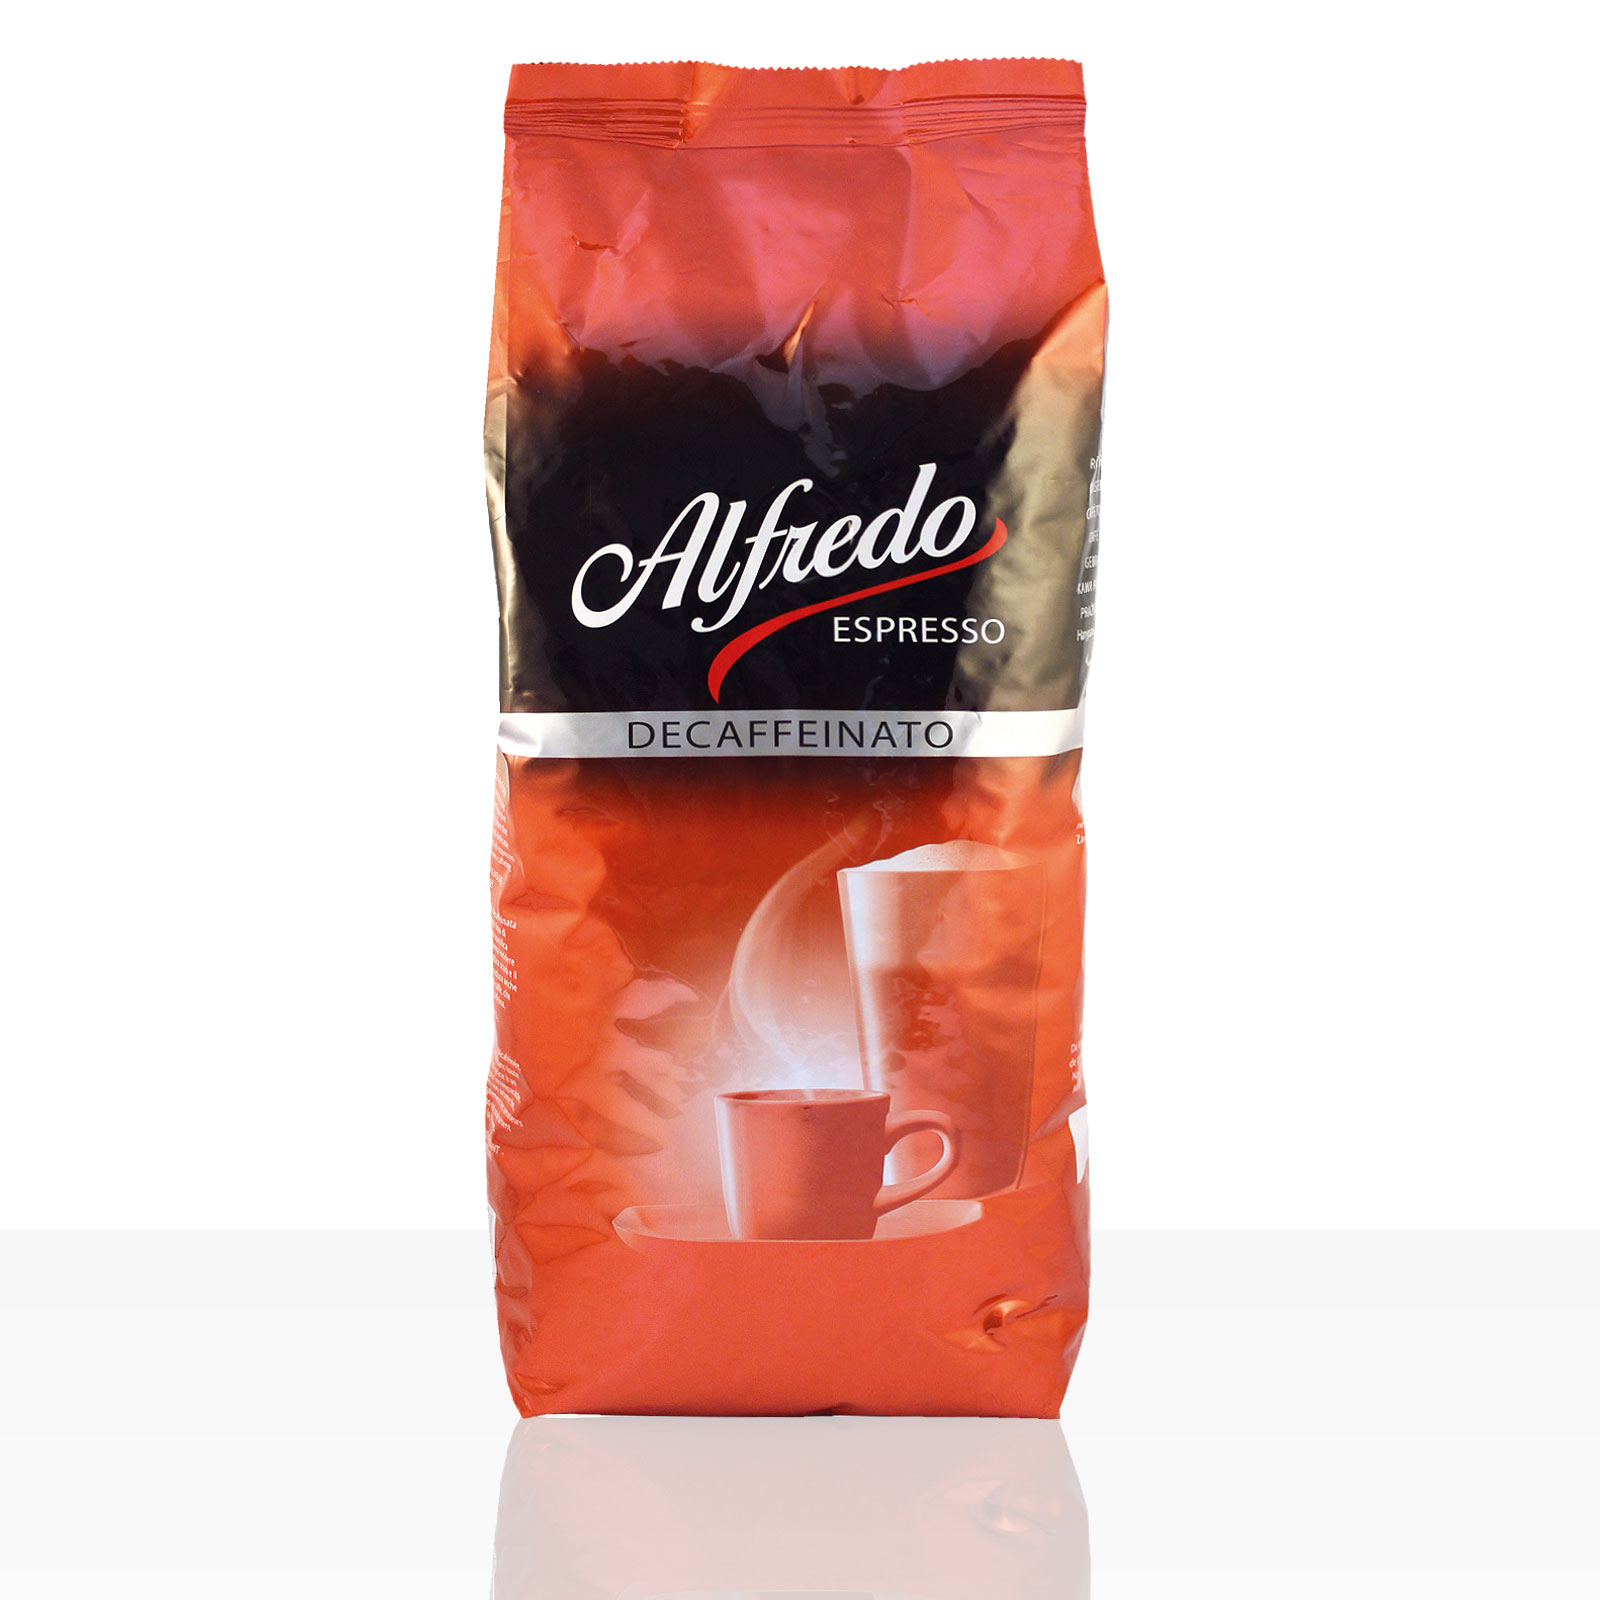 Darboven Alfredo Espresso Decaffeinato - 1kg Kaffee-Bohne entkoffeiniert, koffeinfrei